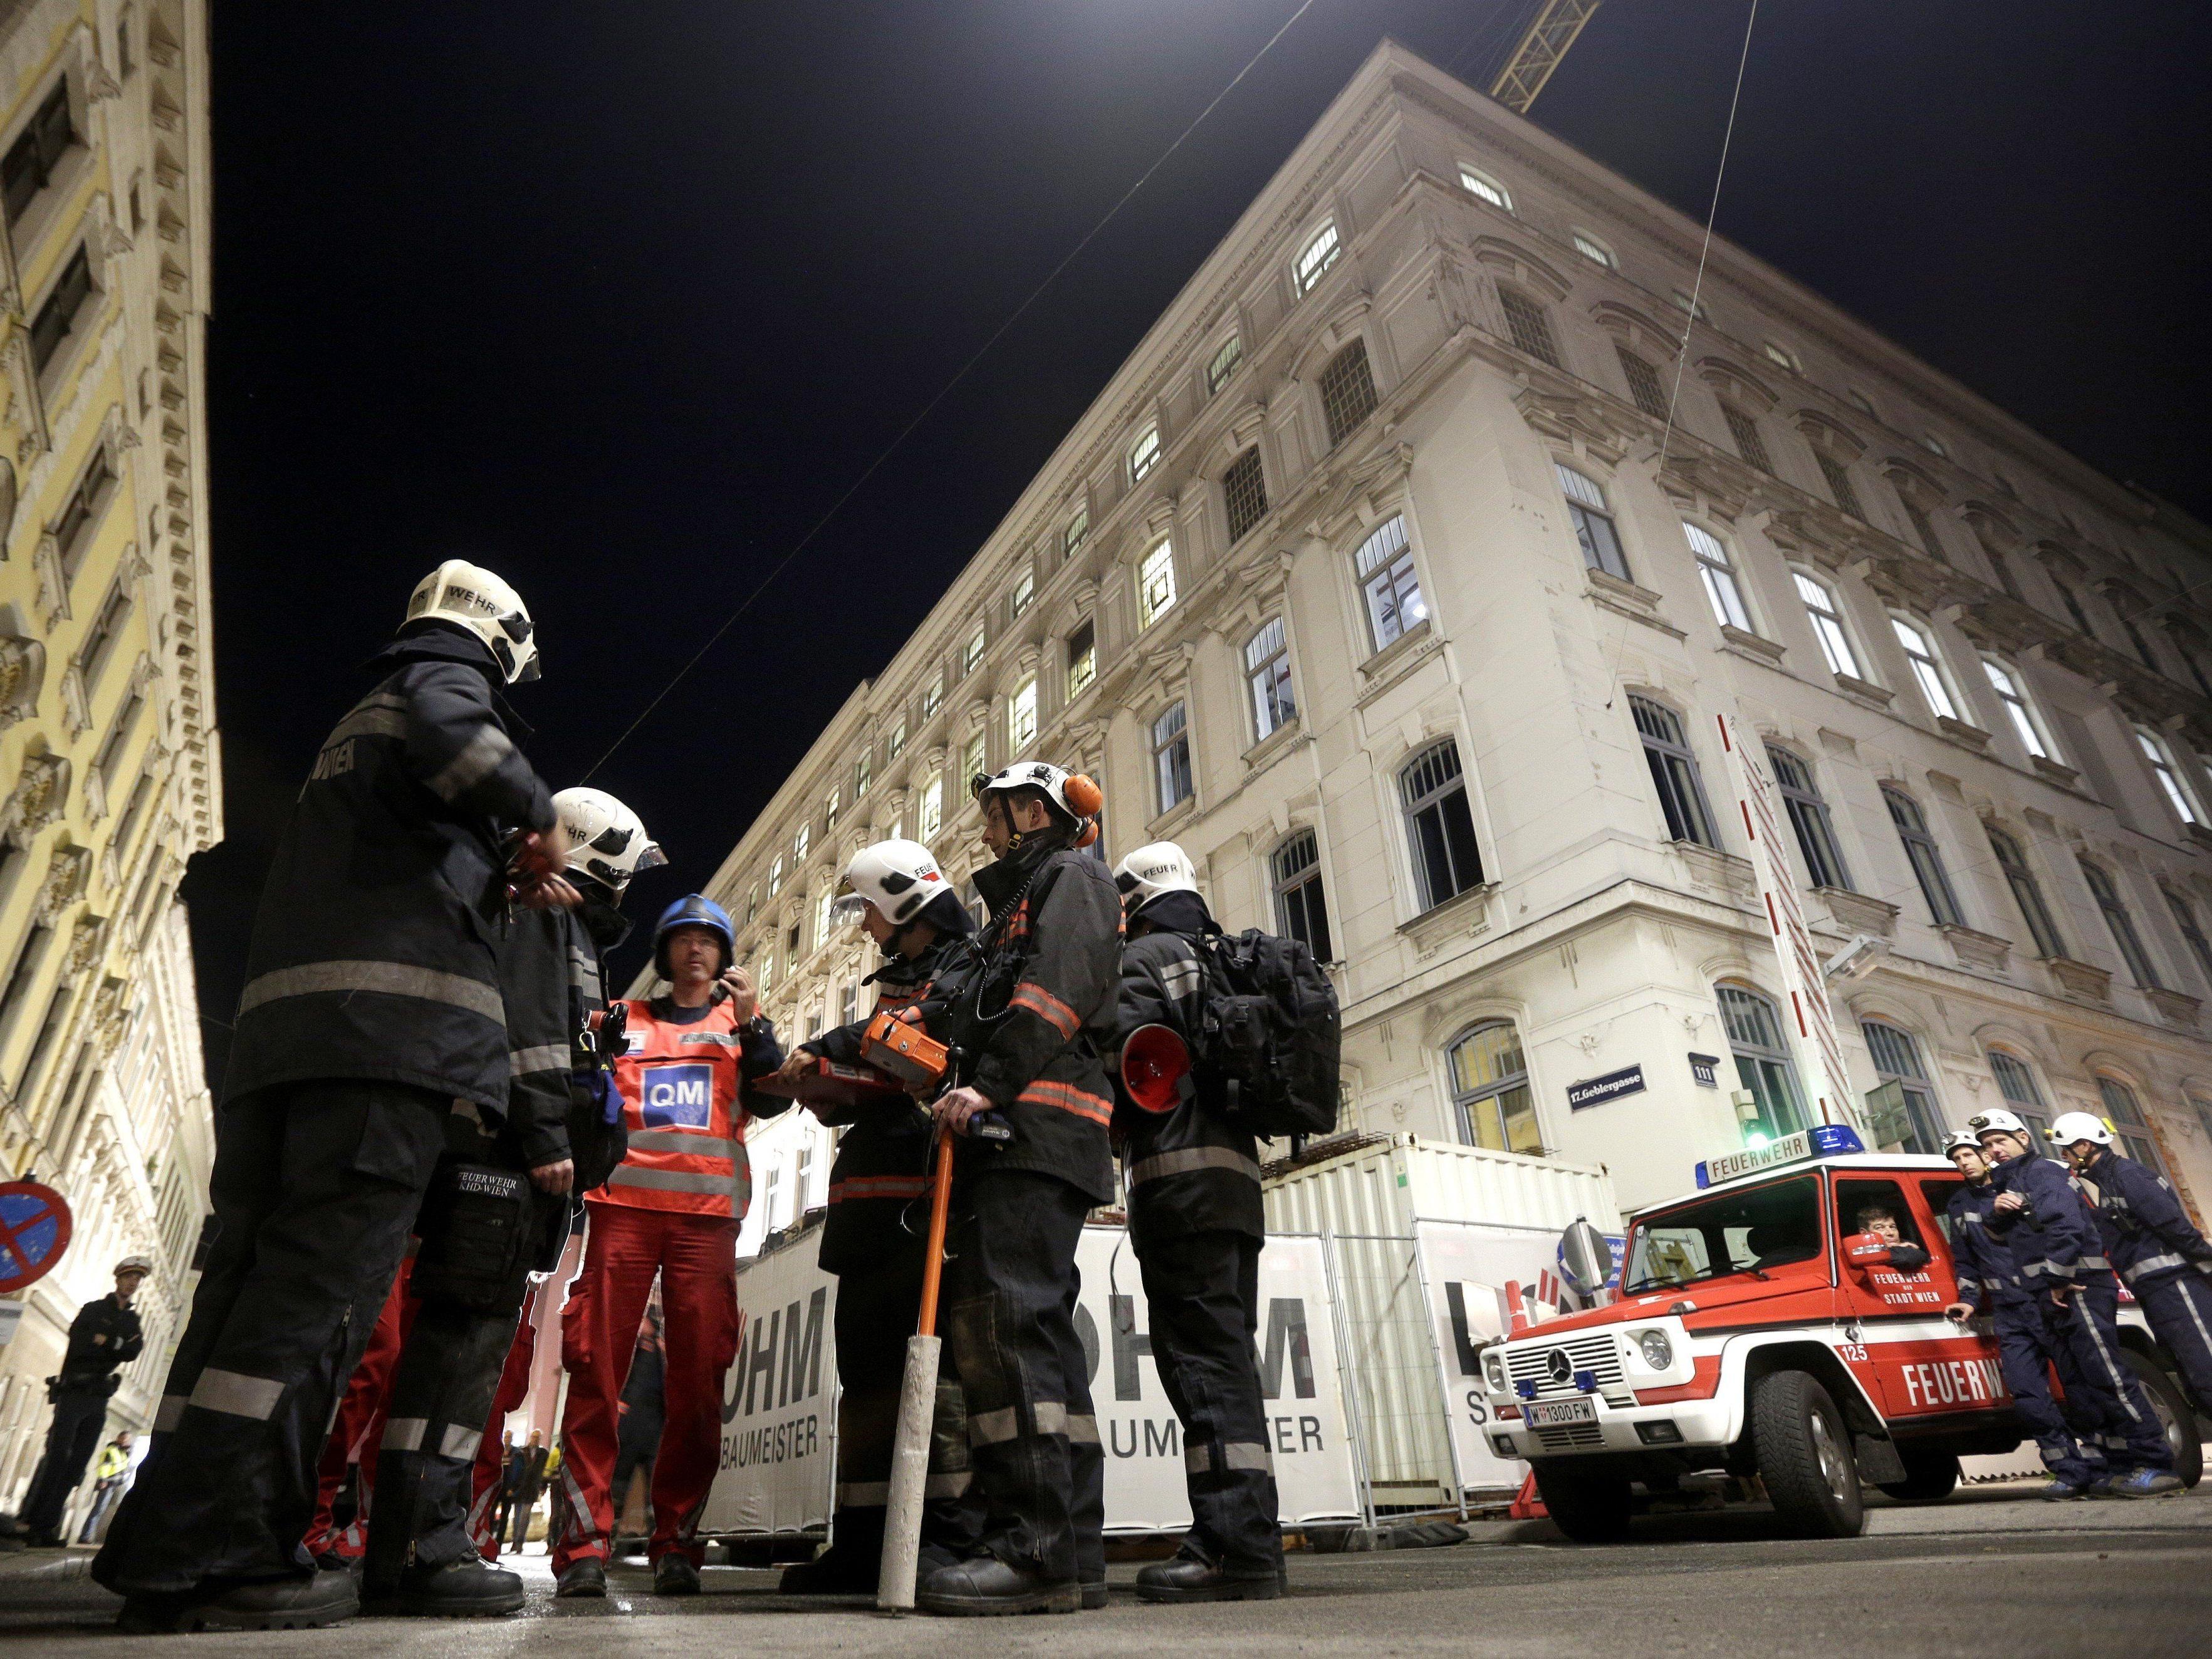 Am Freitag stürzte ein Teil der Manner-Fabrik in Wien-Ottakring ein